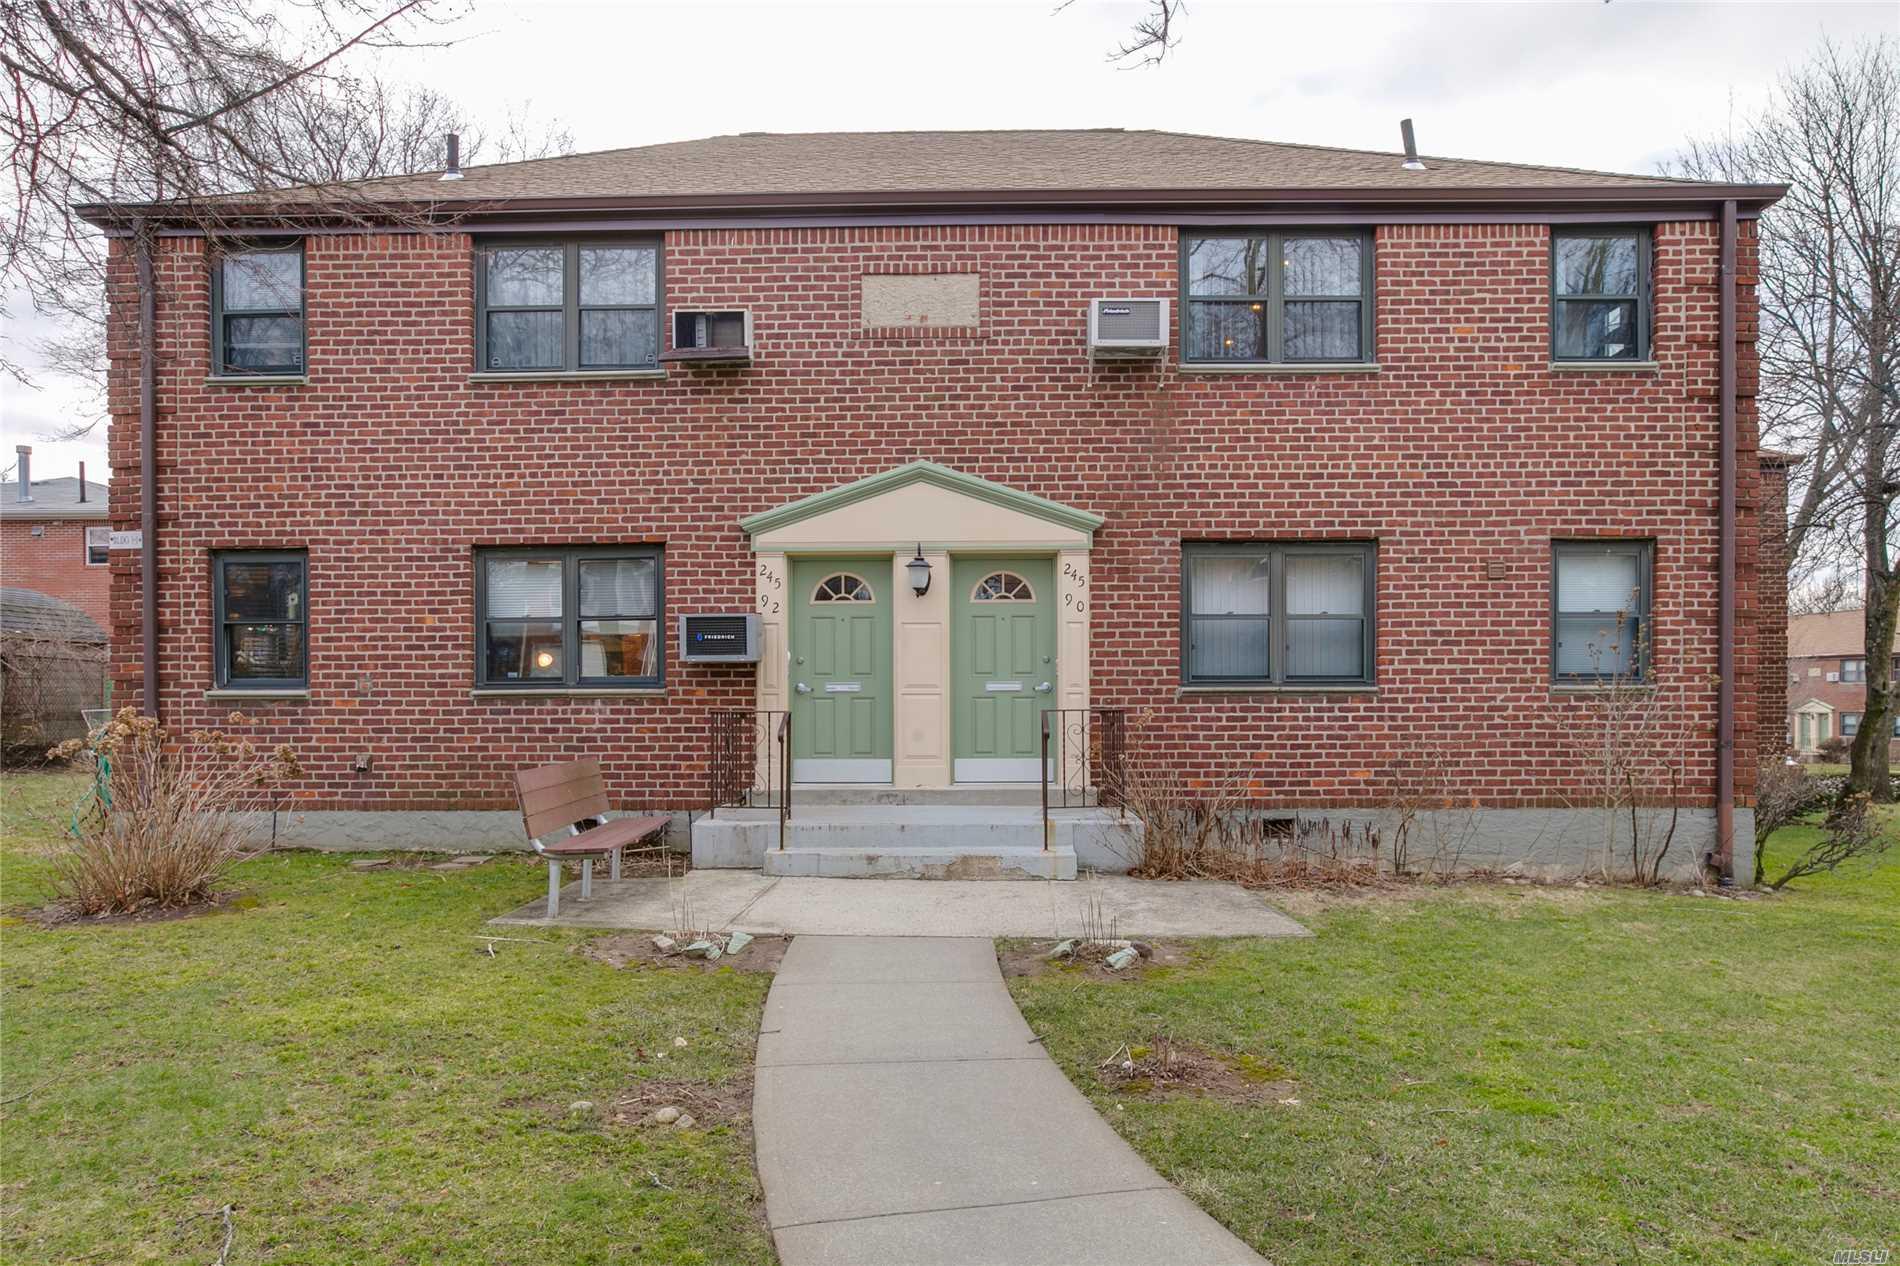 245-90 62 Ave, Upper - Douglaston, New York